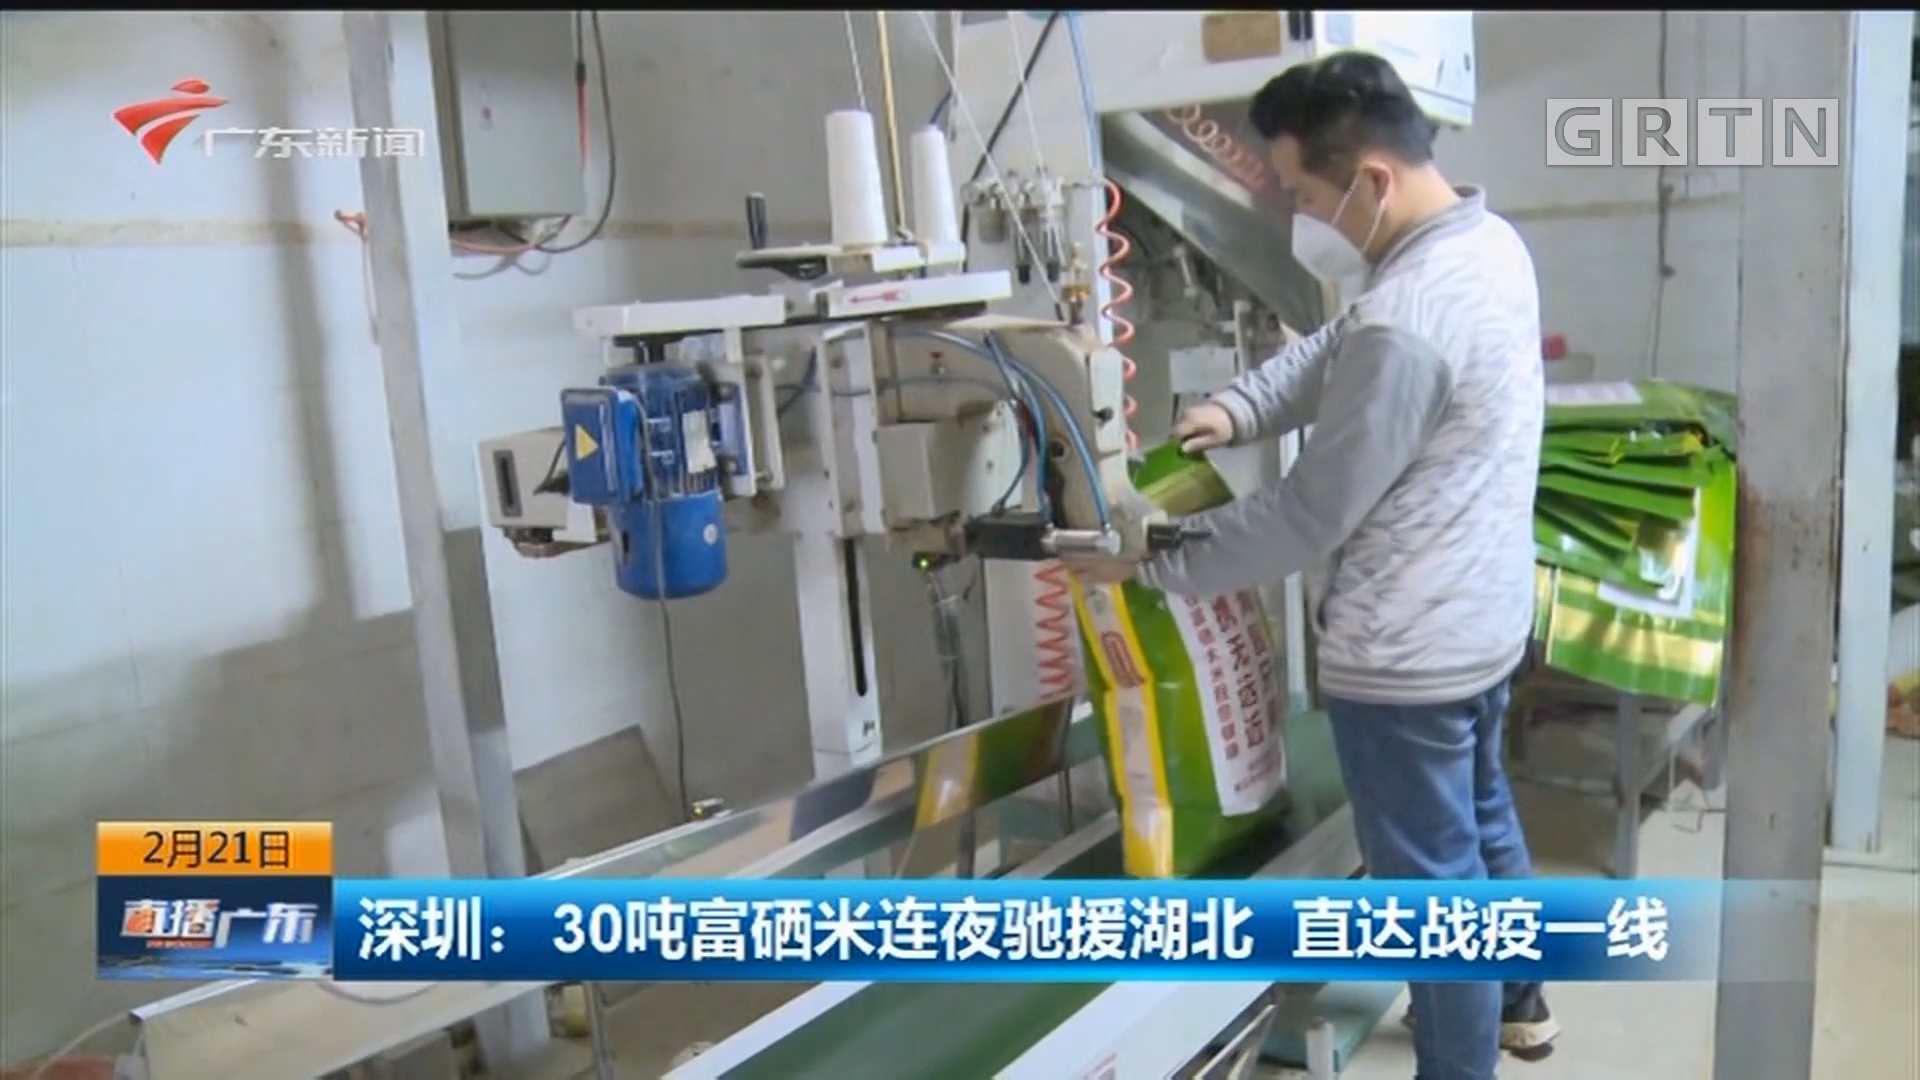 深圳:30吨富硒米连夜驰援湖北 直达战疫一线